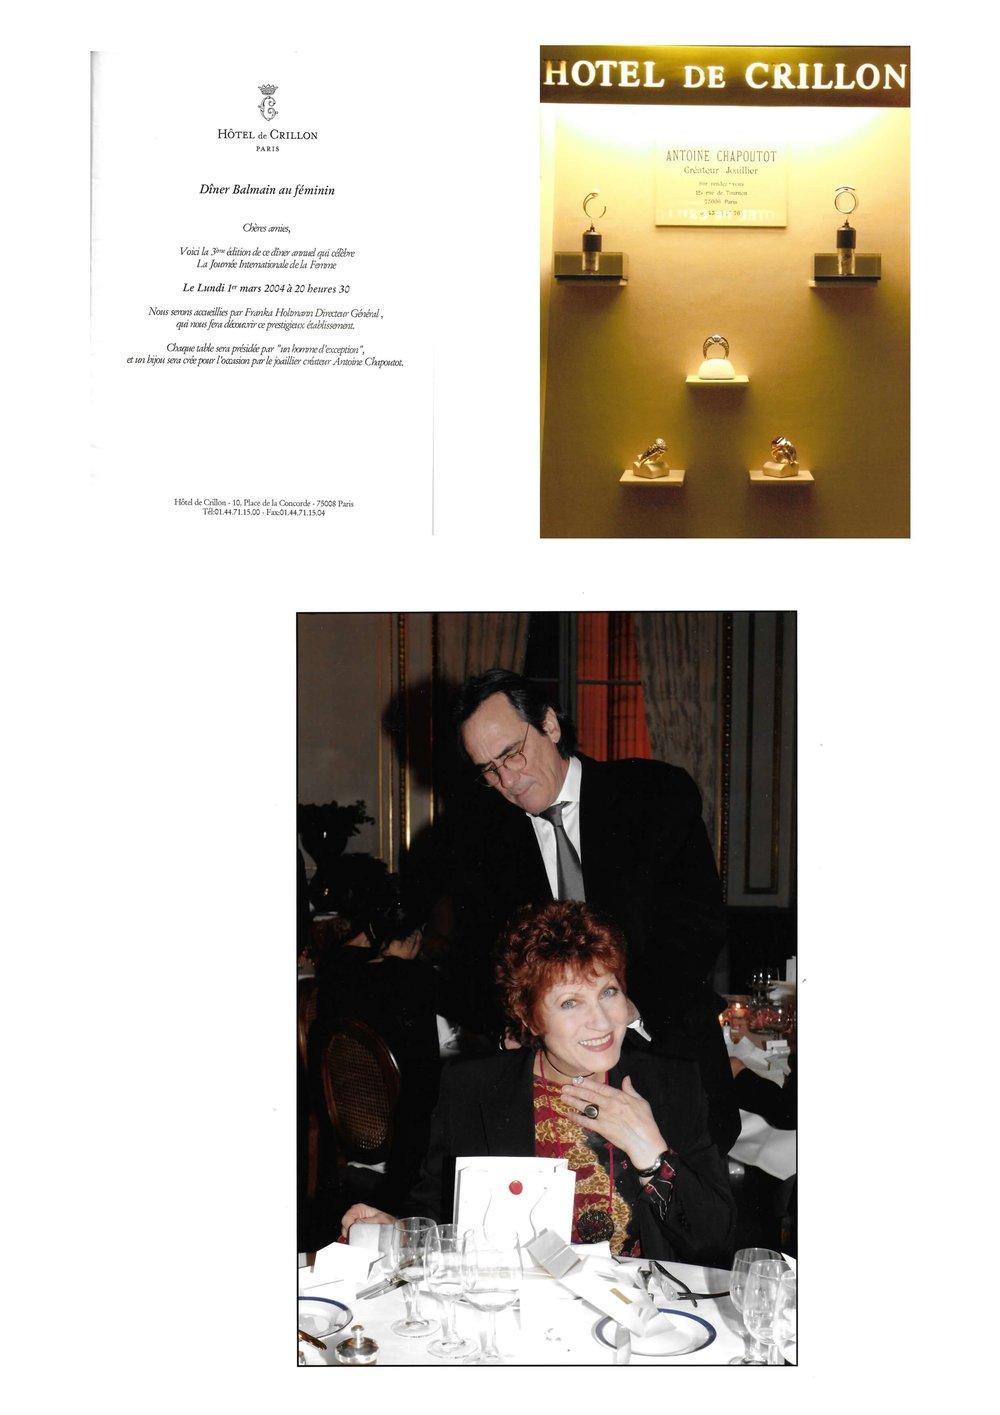 2004 - Antoine Chapoutot reçoit également au Crillon.